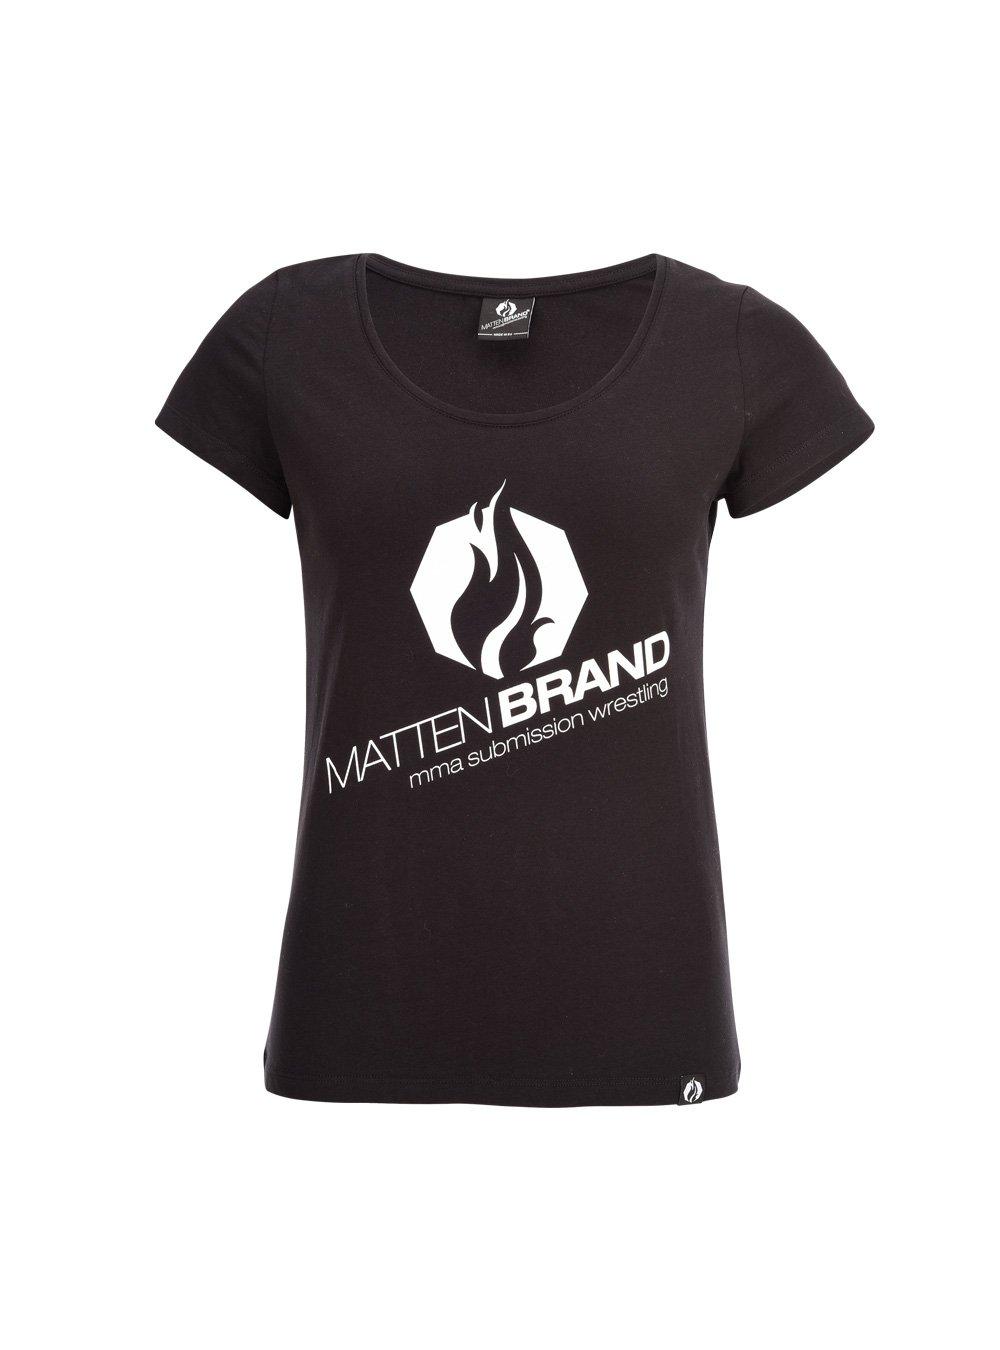 MATTENBRAND T-Shirt Damen Na-Logo schwarz/weiß, Kampfsport, MMA, Grappling, BJJ